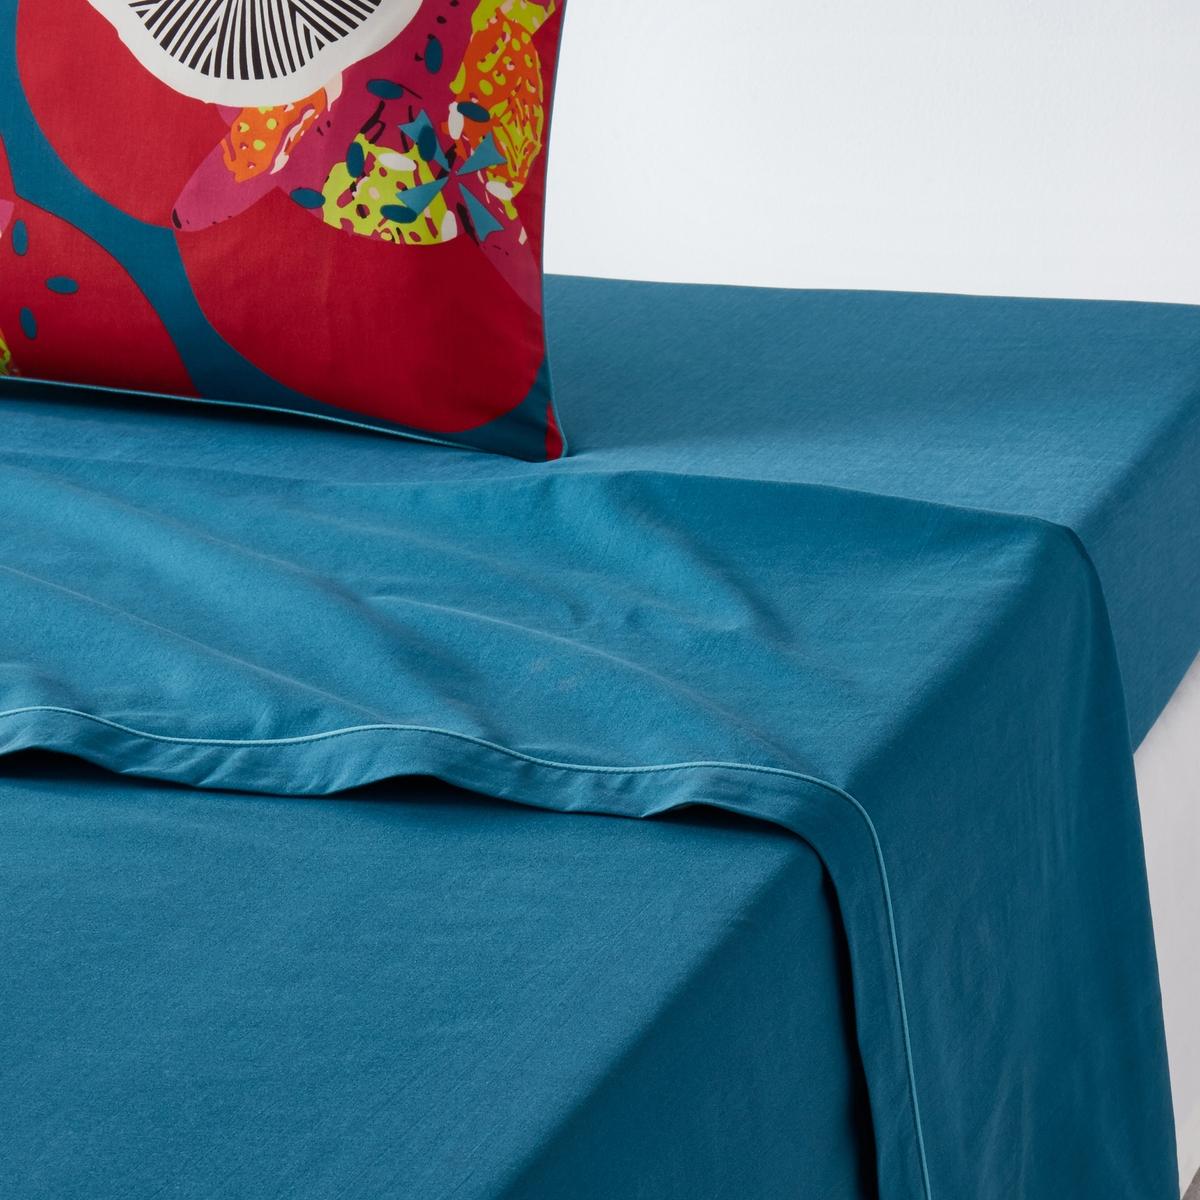 Простыня гладкая однотонная100% хлопка, N?nupharХарактеристики простыни N?nuphar :Однотонная простыня сине-зеленого цвета .Контрастная отделка синего цвета  .100% хлопок, 57 нитей/см? : чем больше нитей/см?, тем выше качество ткани.Легкость ухода.Машинная стирка при 60 °С.Найдите натяжную простыню из гаммы Sc?nario coton и всю коллекцию N?nuphar на сайте  laredoute   .ruЗнак Oeko-Tex® гарантирует, что товары прошли проверку и были изготовлены без применения вредных для здоровья человека веществ.Размеры :180 x 290 см : 1-сп240 х 290 см : 2-сп.270 x 290 см : 2-сп.<br><br>Цвет: сине-зеленый